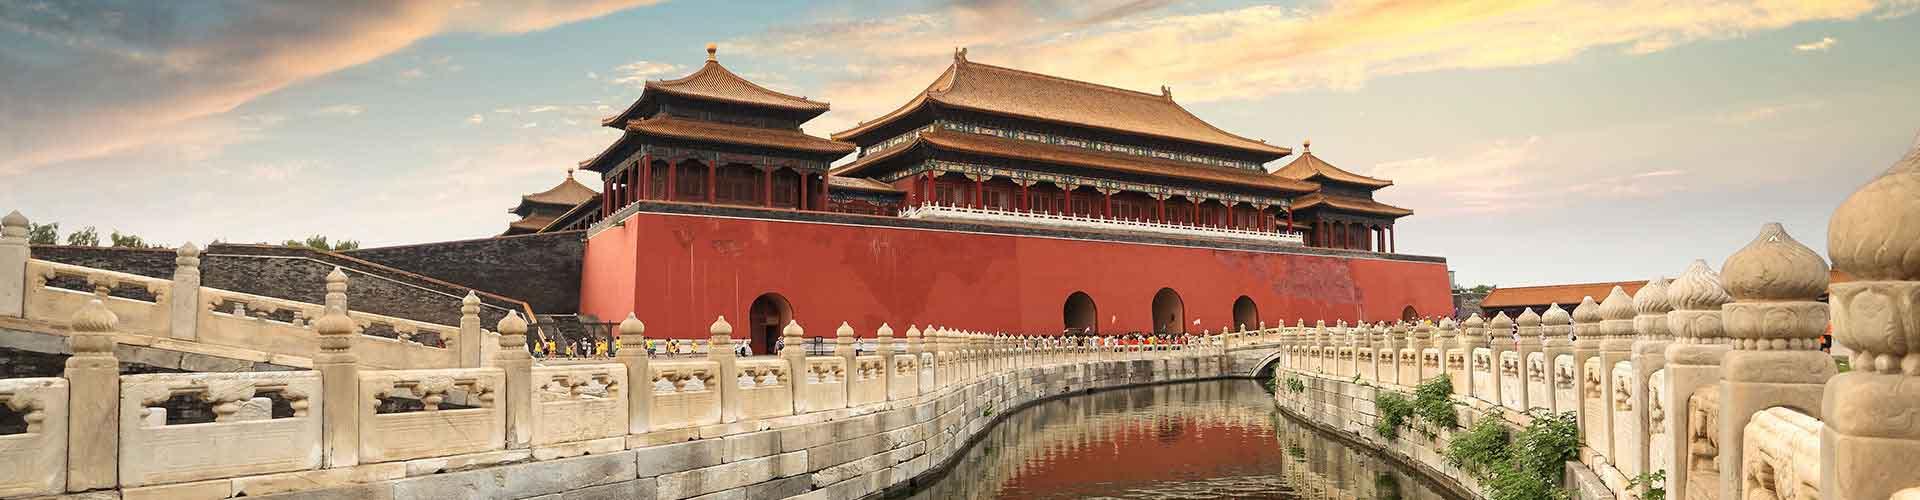 Peking – Retkeily kohteessa Peking. Peking -karttoja, valokuvia ja arvosteluja kaikista Peking -retkeilyalueista.